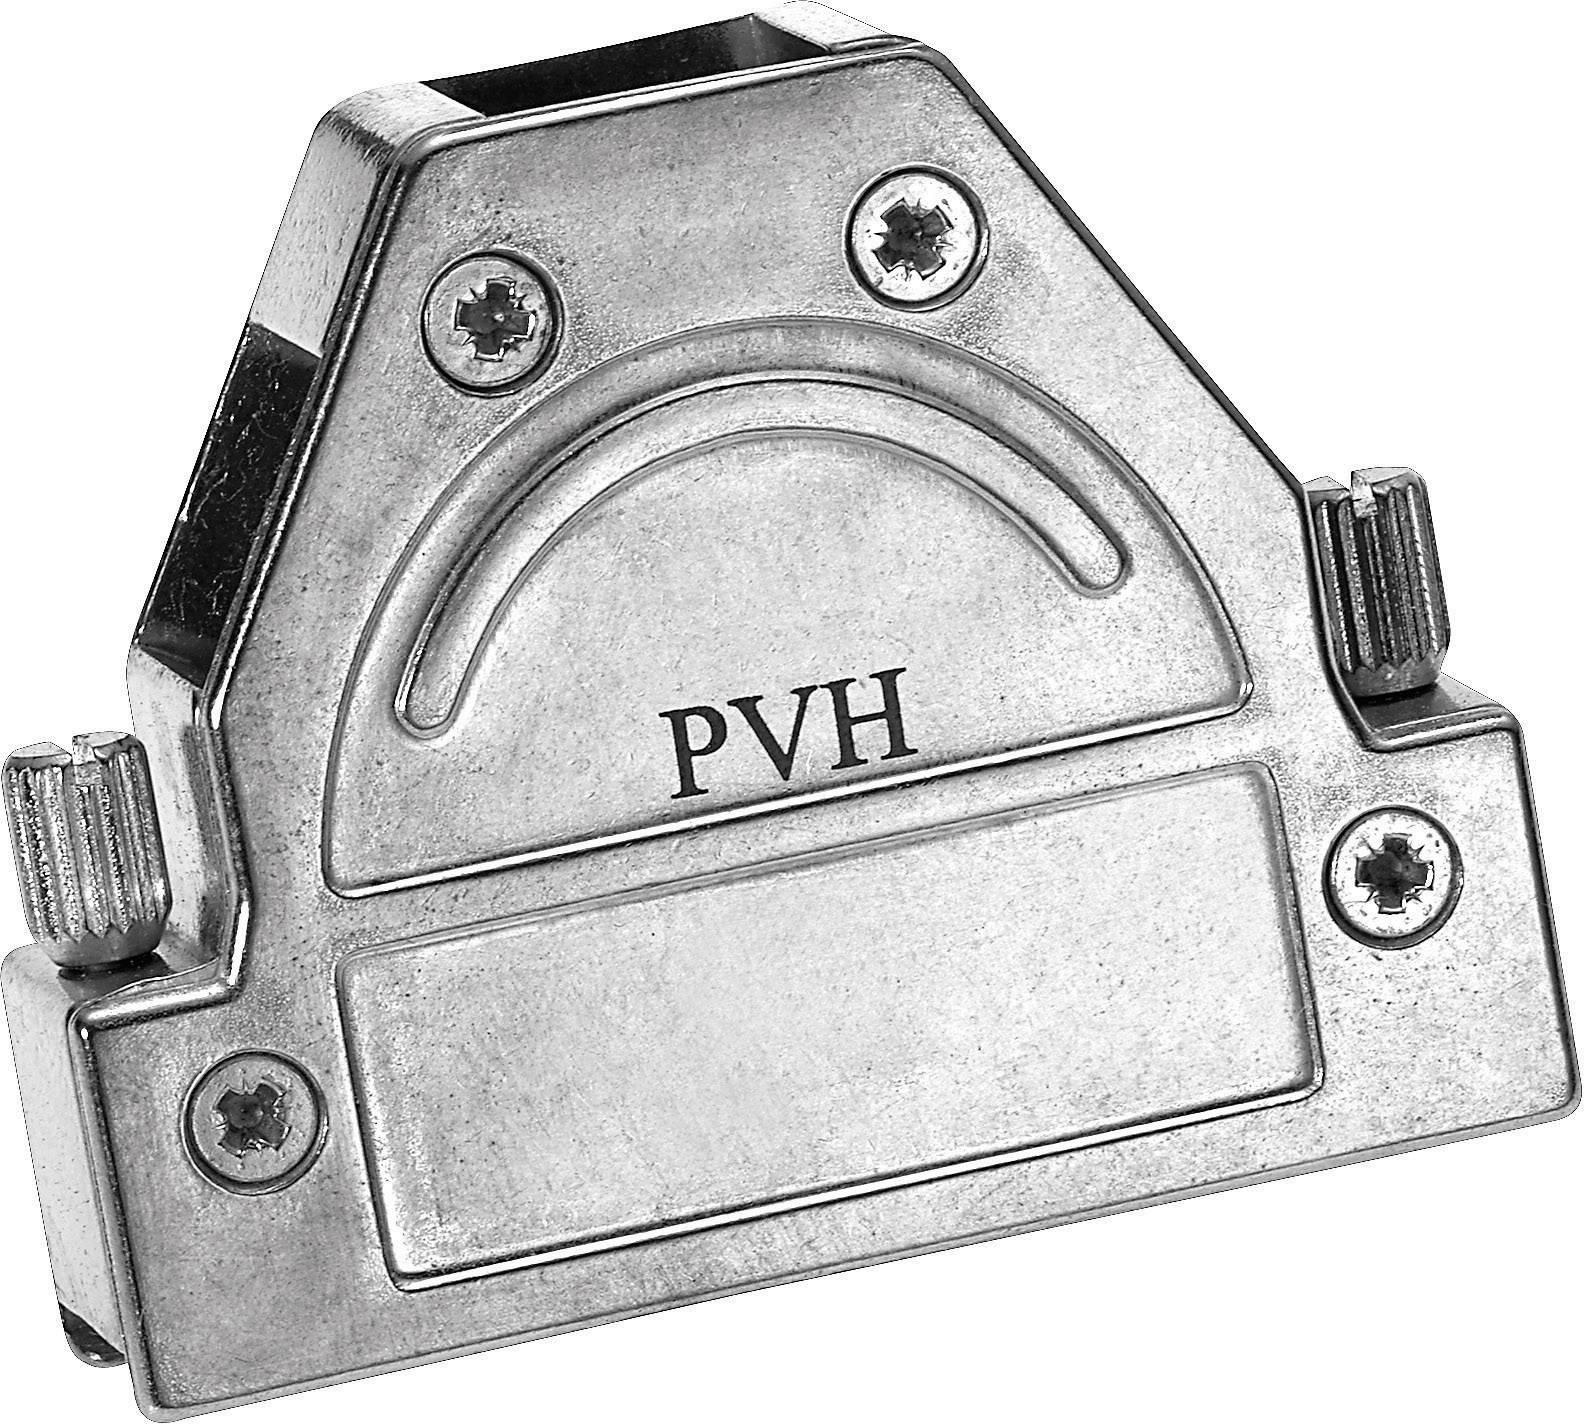 D-SUB púzdro Provertha 1725DC25001 1725DC25001, Počet pinov: 25, kov, 180 °, strieborná, 1 ks